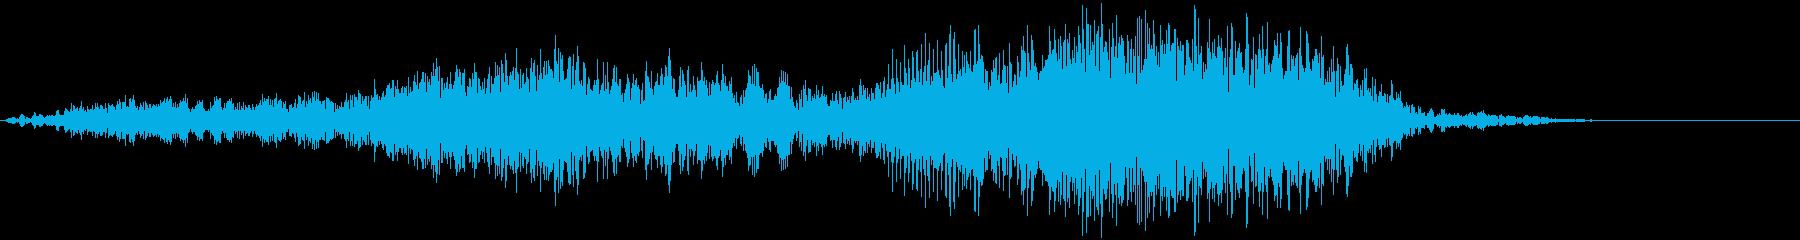 【物音】 ひきずる音_05 ギーッ・・・の再生済みの波形